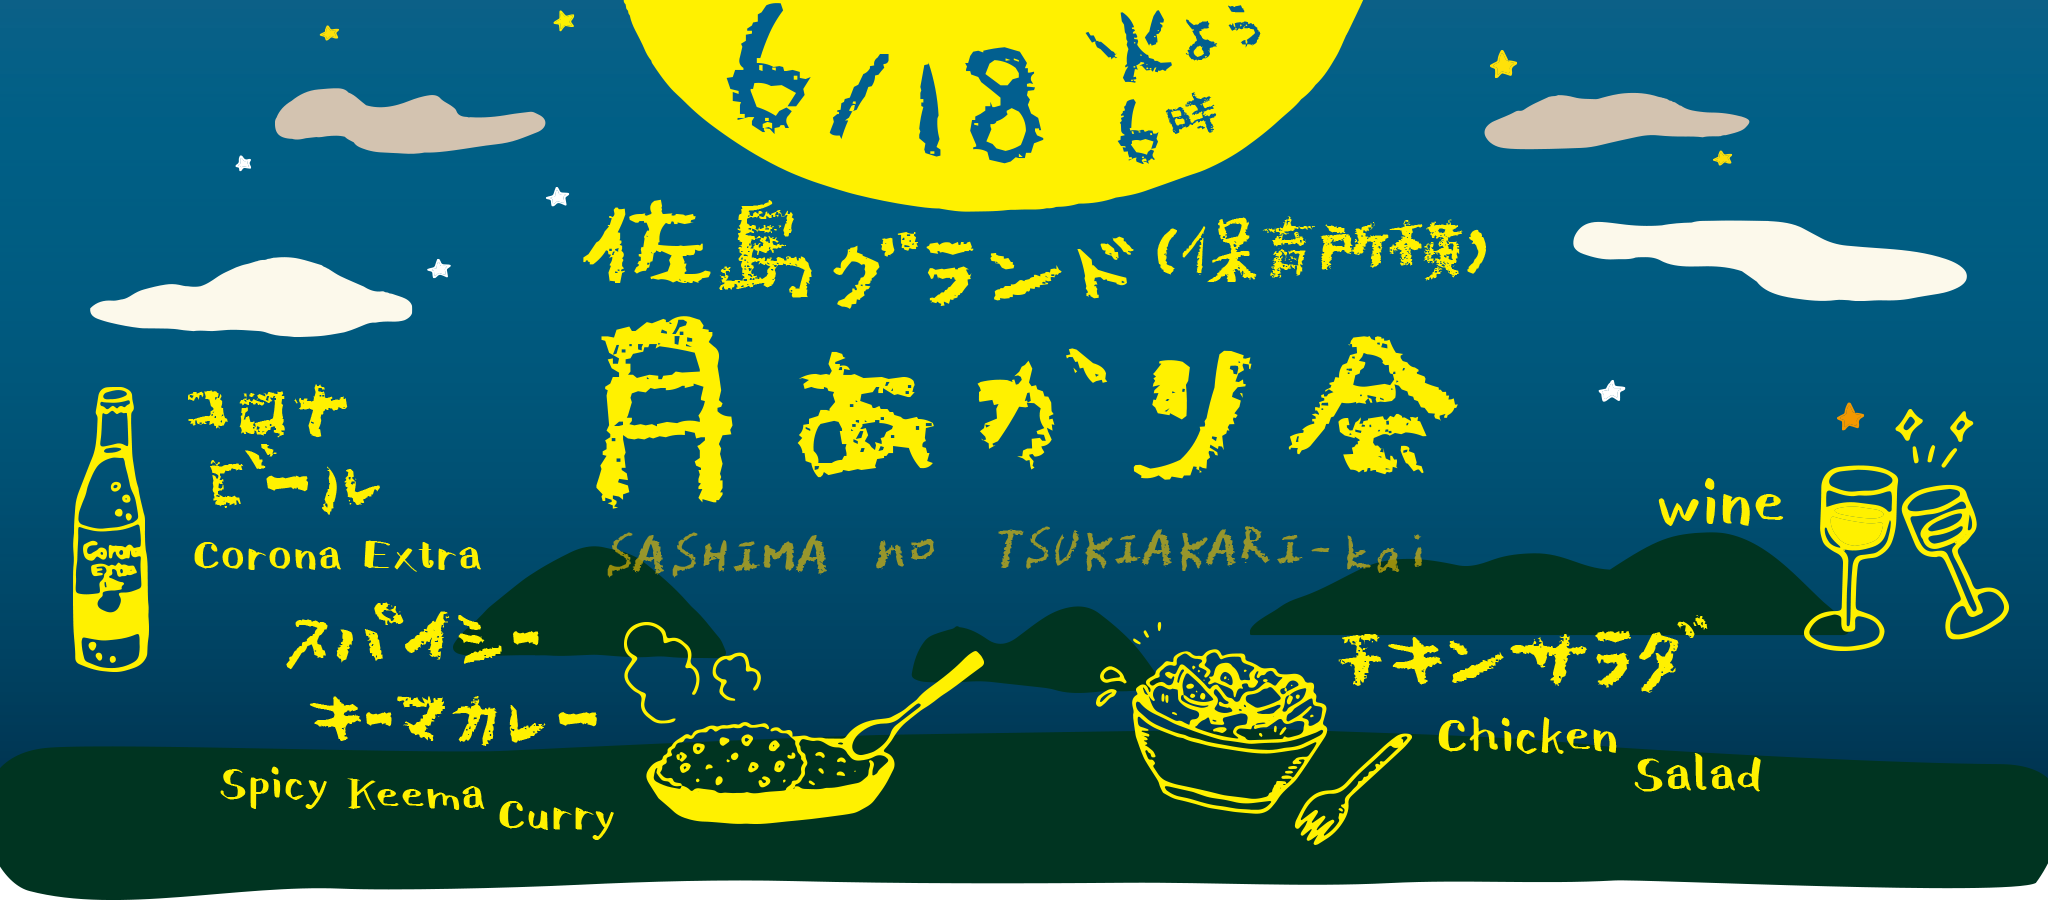 佐島の月あかり会